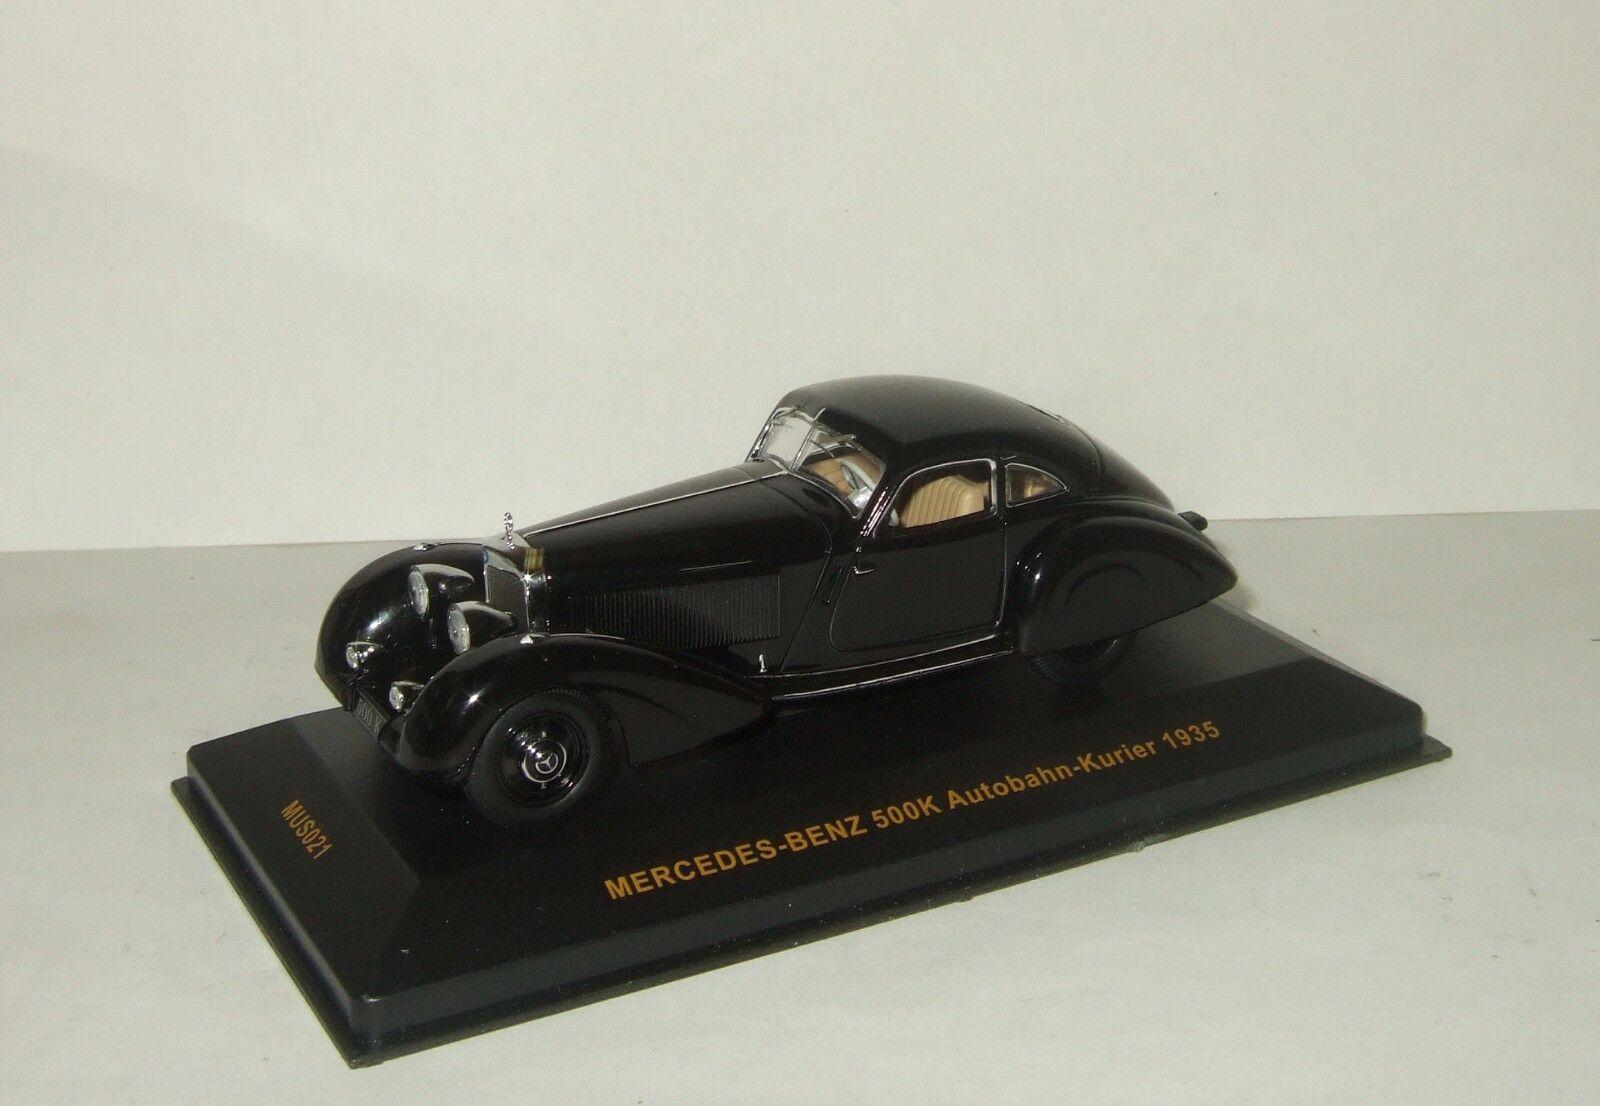 Mercedes Benz 500 K AUTOBAHN-KURIER 1935 IXO Museum 1 43 MUS 021